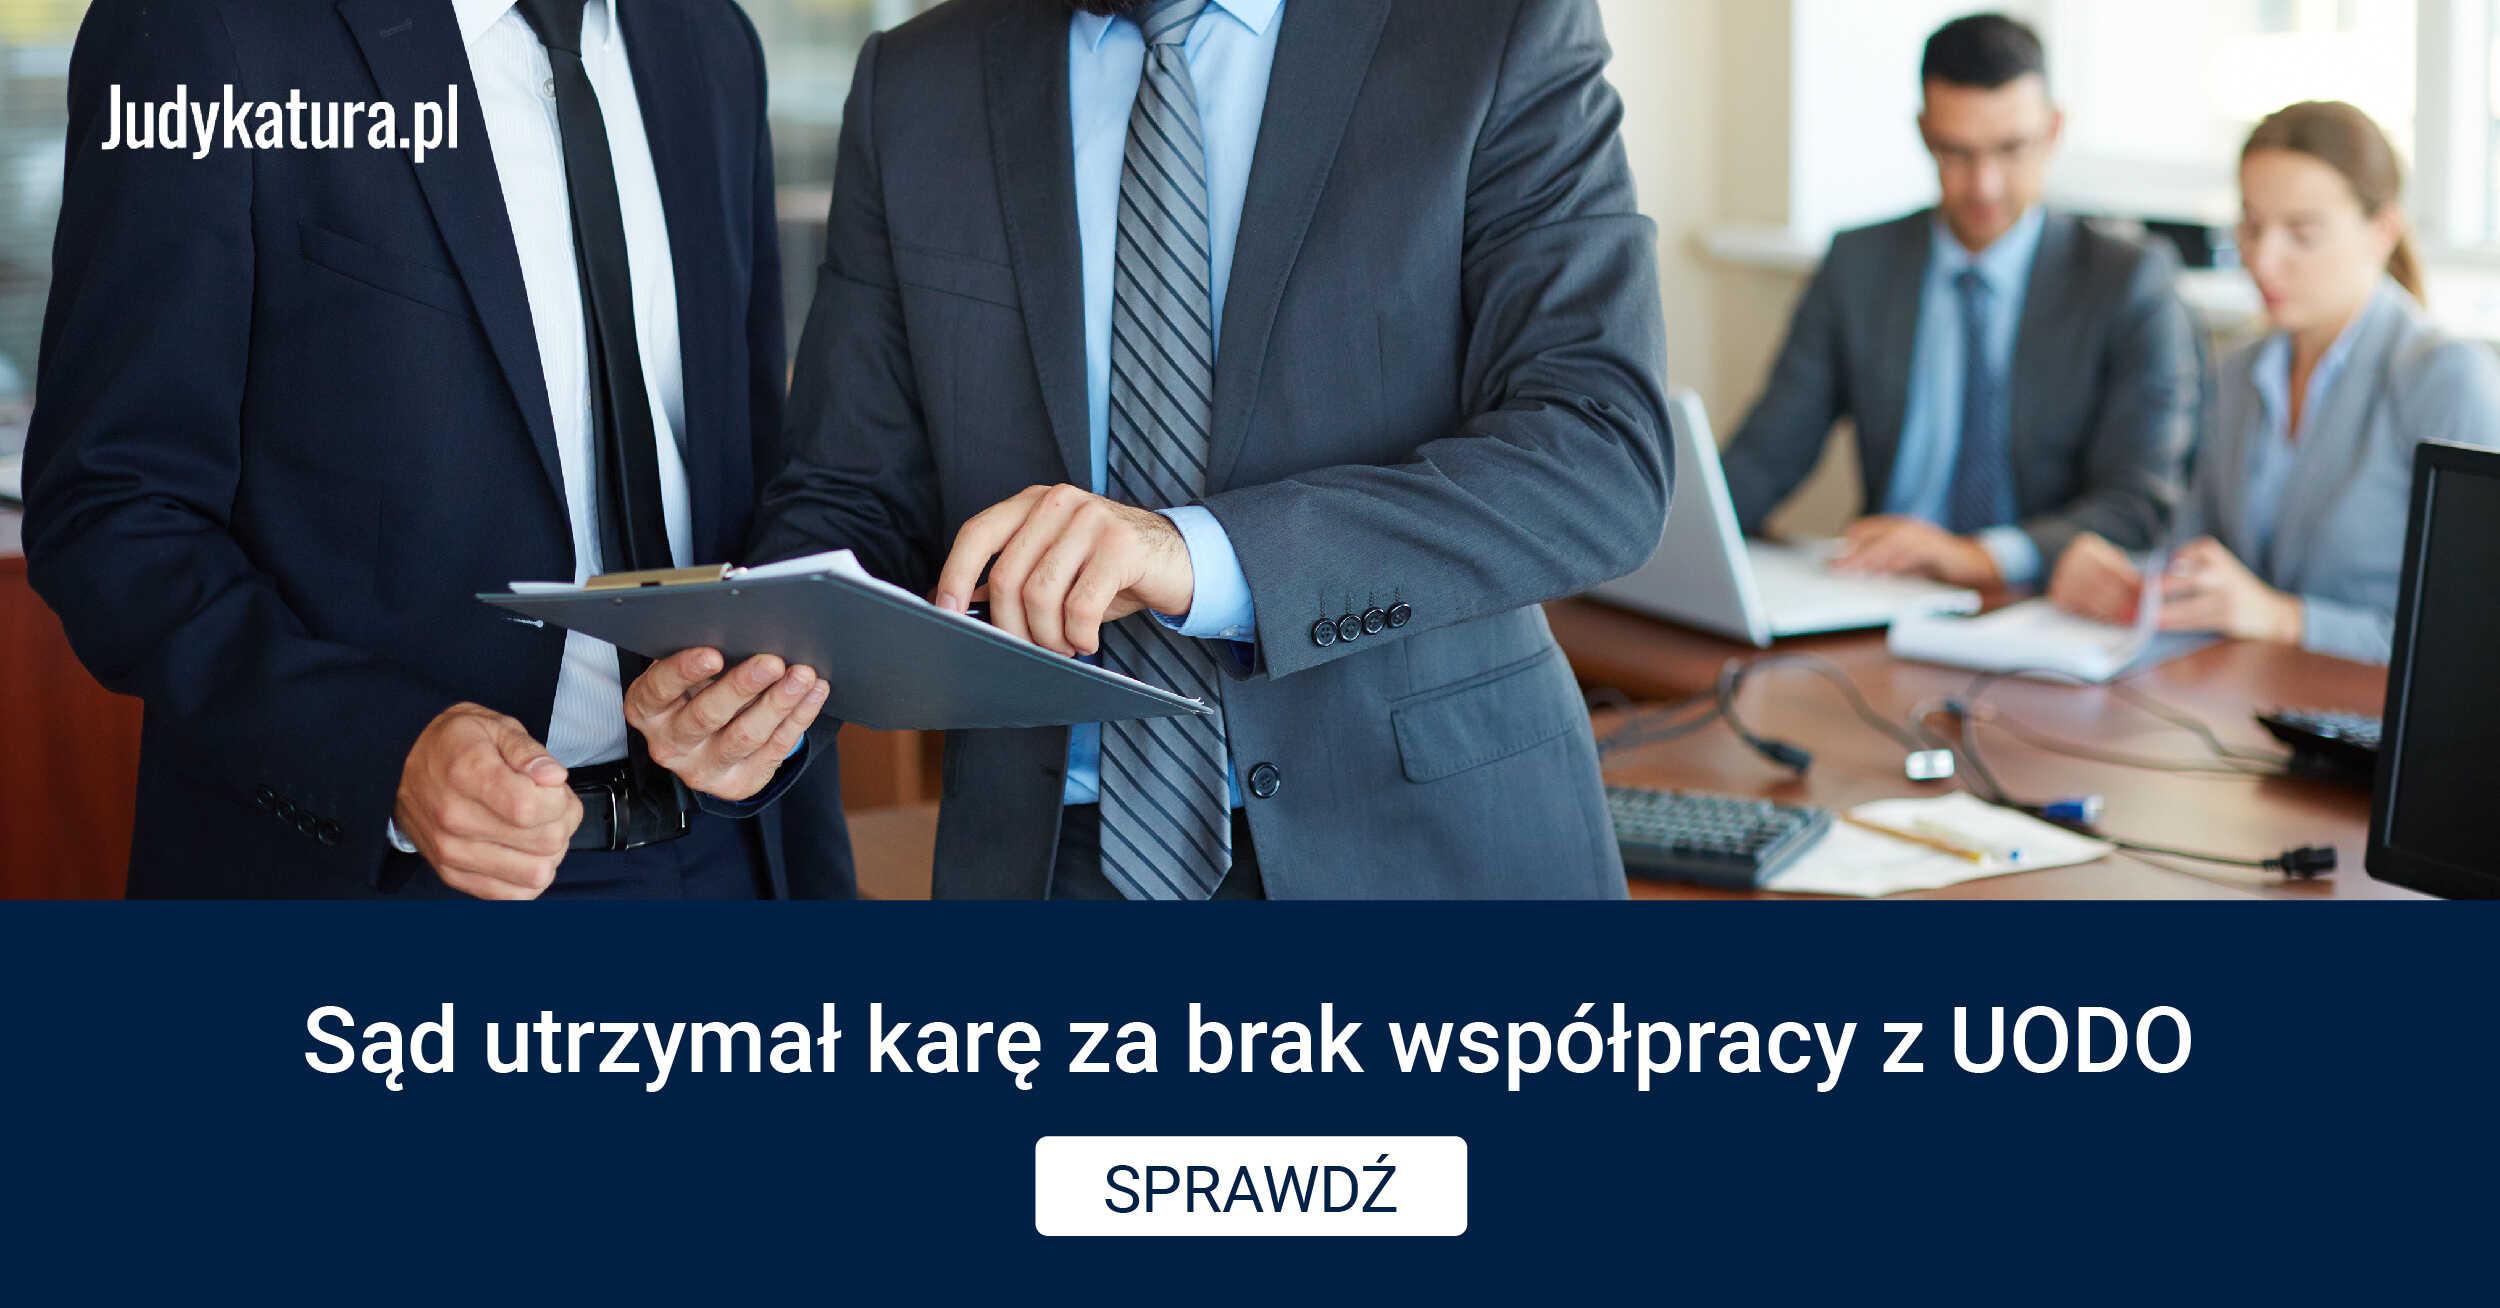 Sąd utrzymał karę zabrak współpracy zUODO